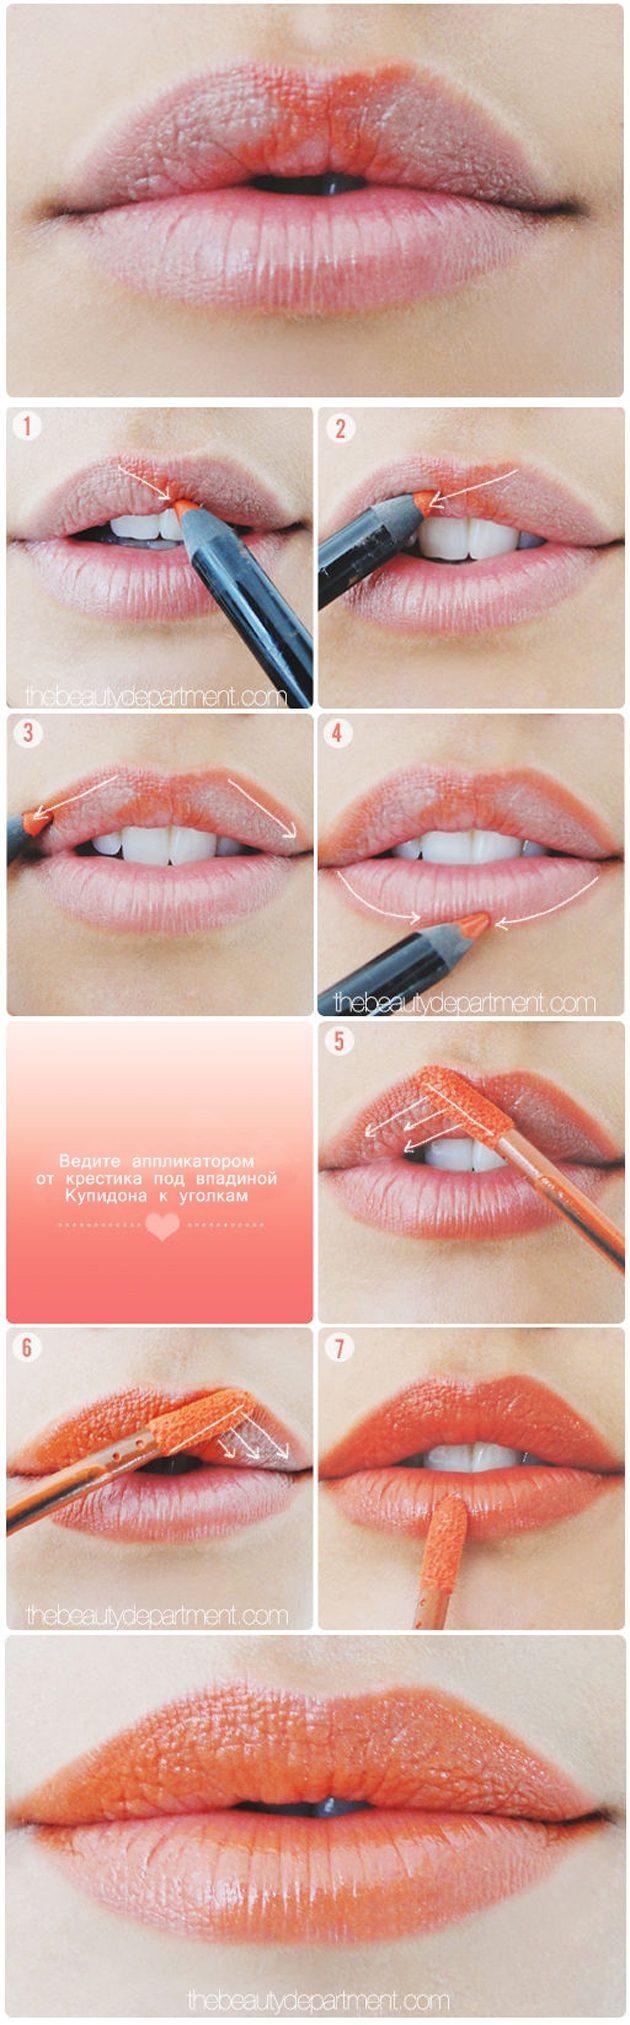 Как правильно красить губы